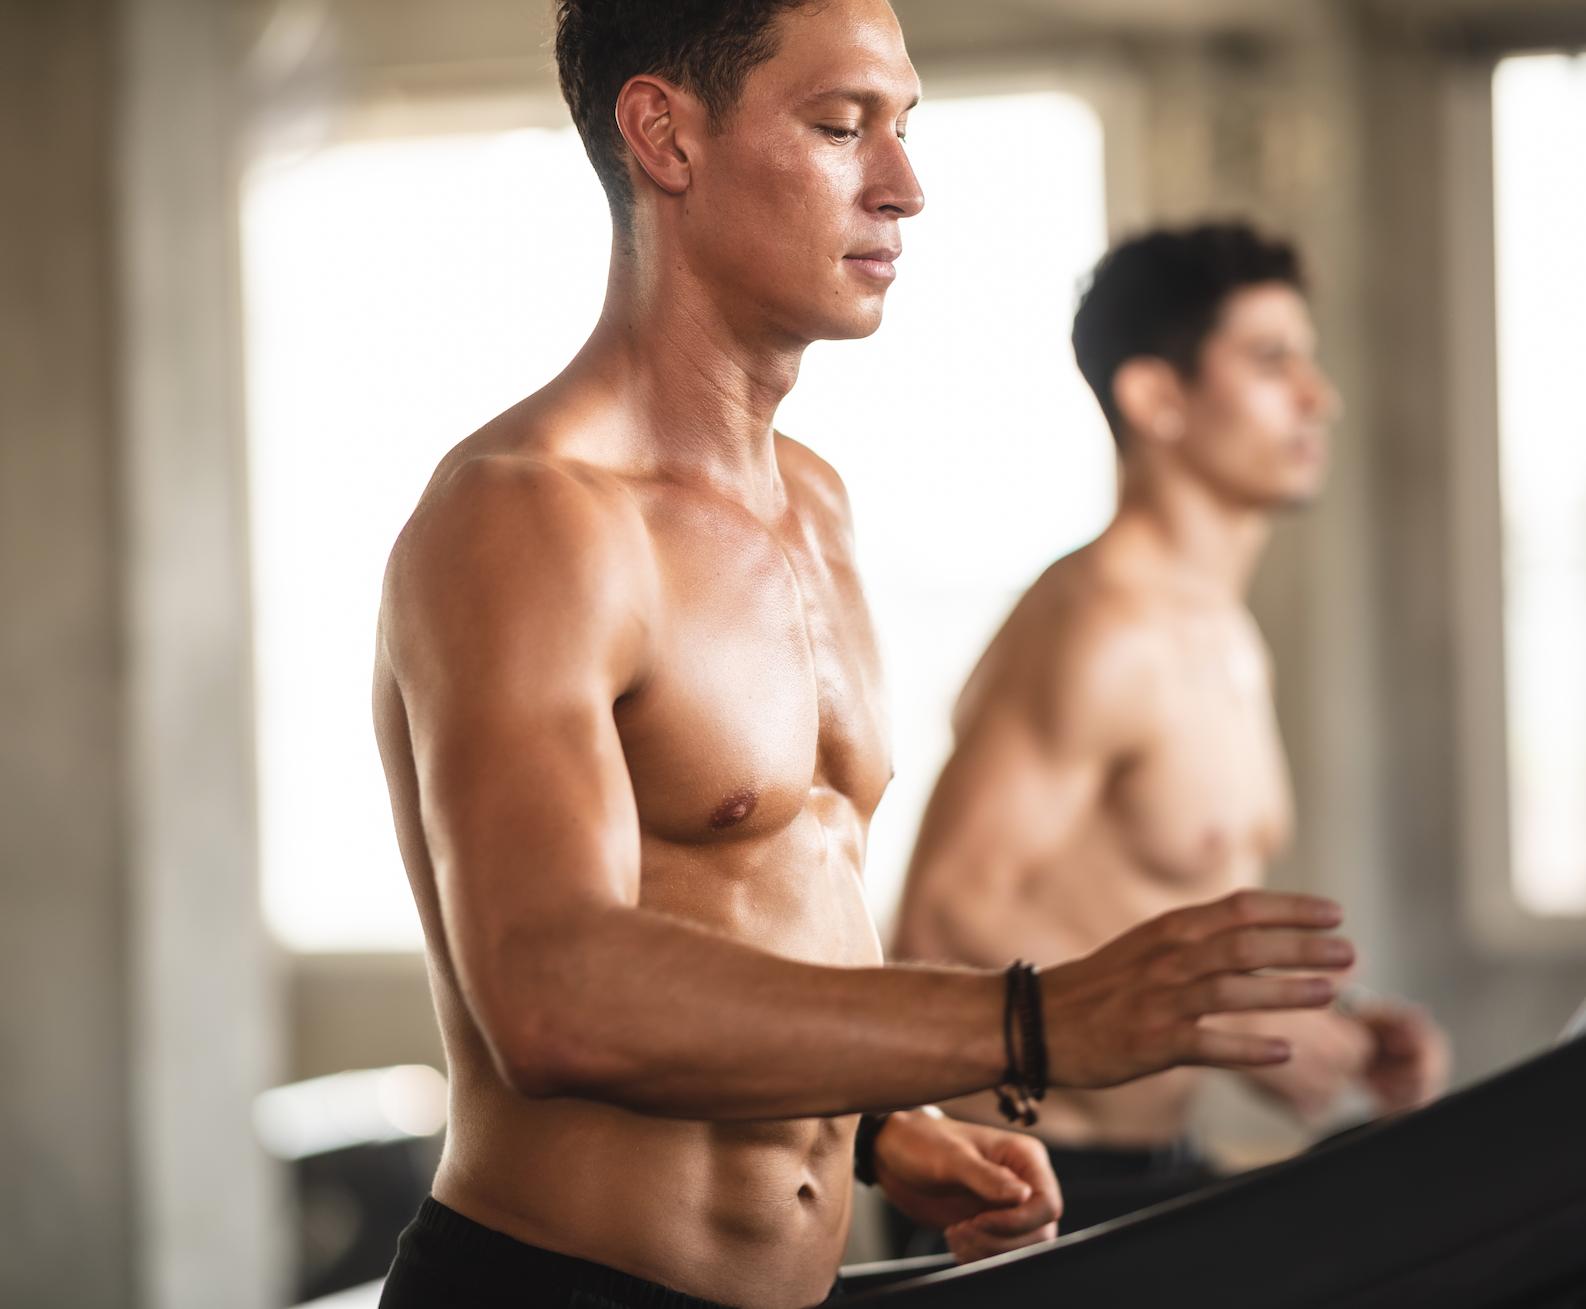 Men running on a treadmill